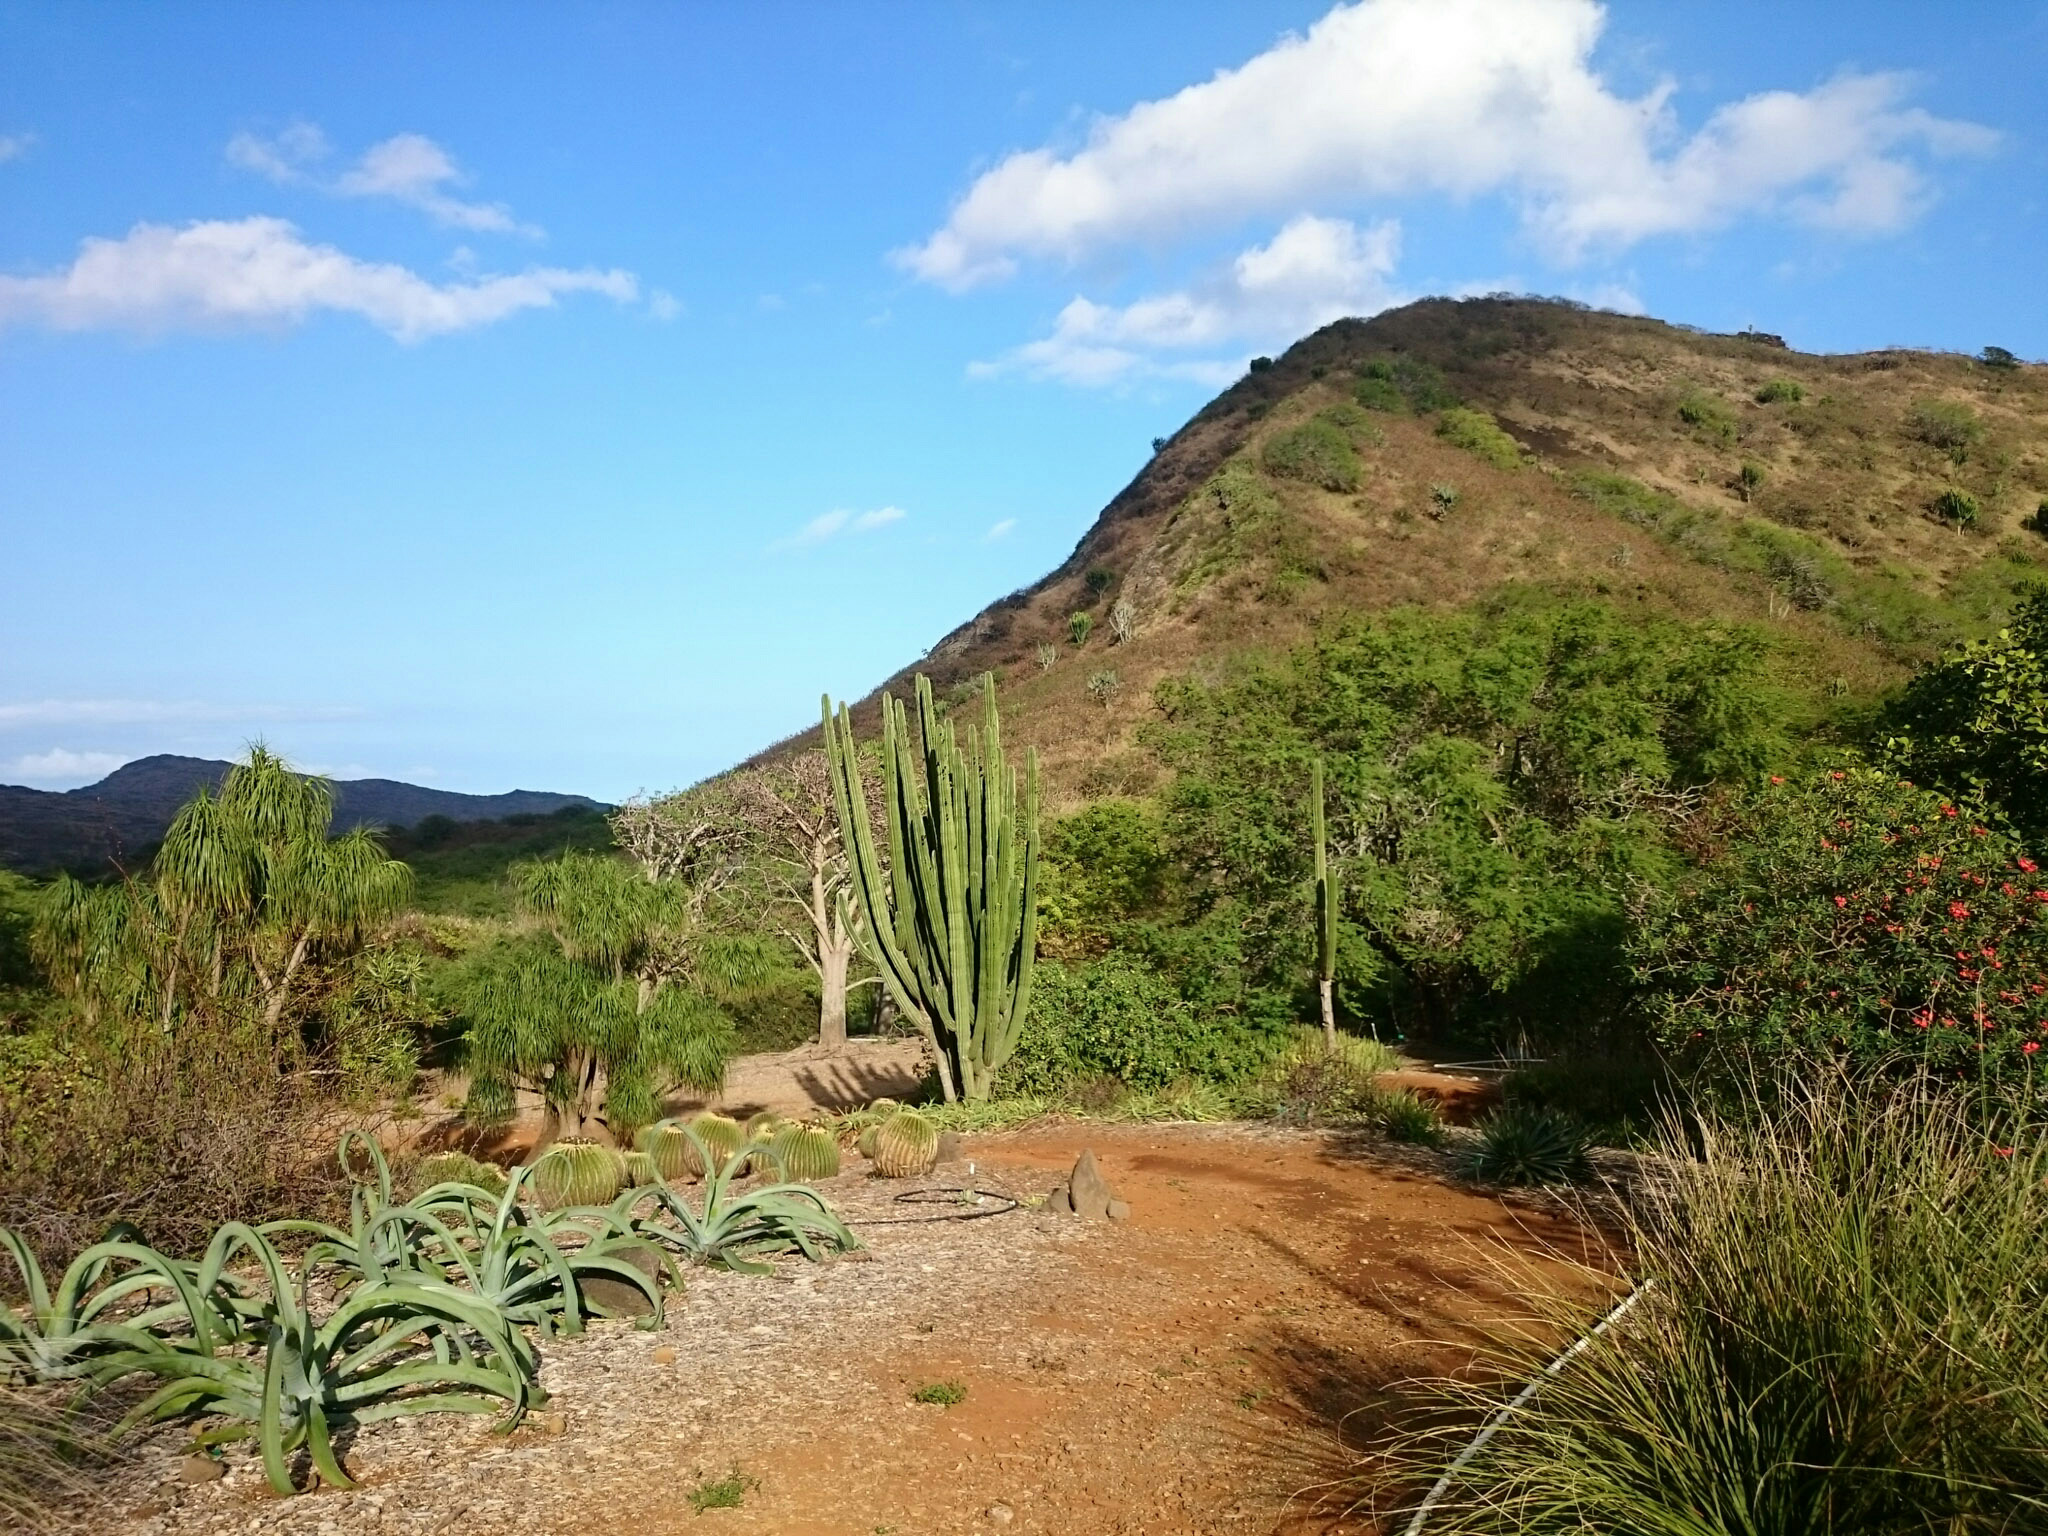 Jardin botanique de Koko crater